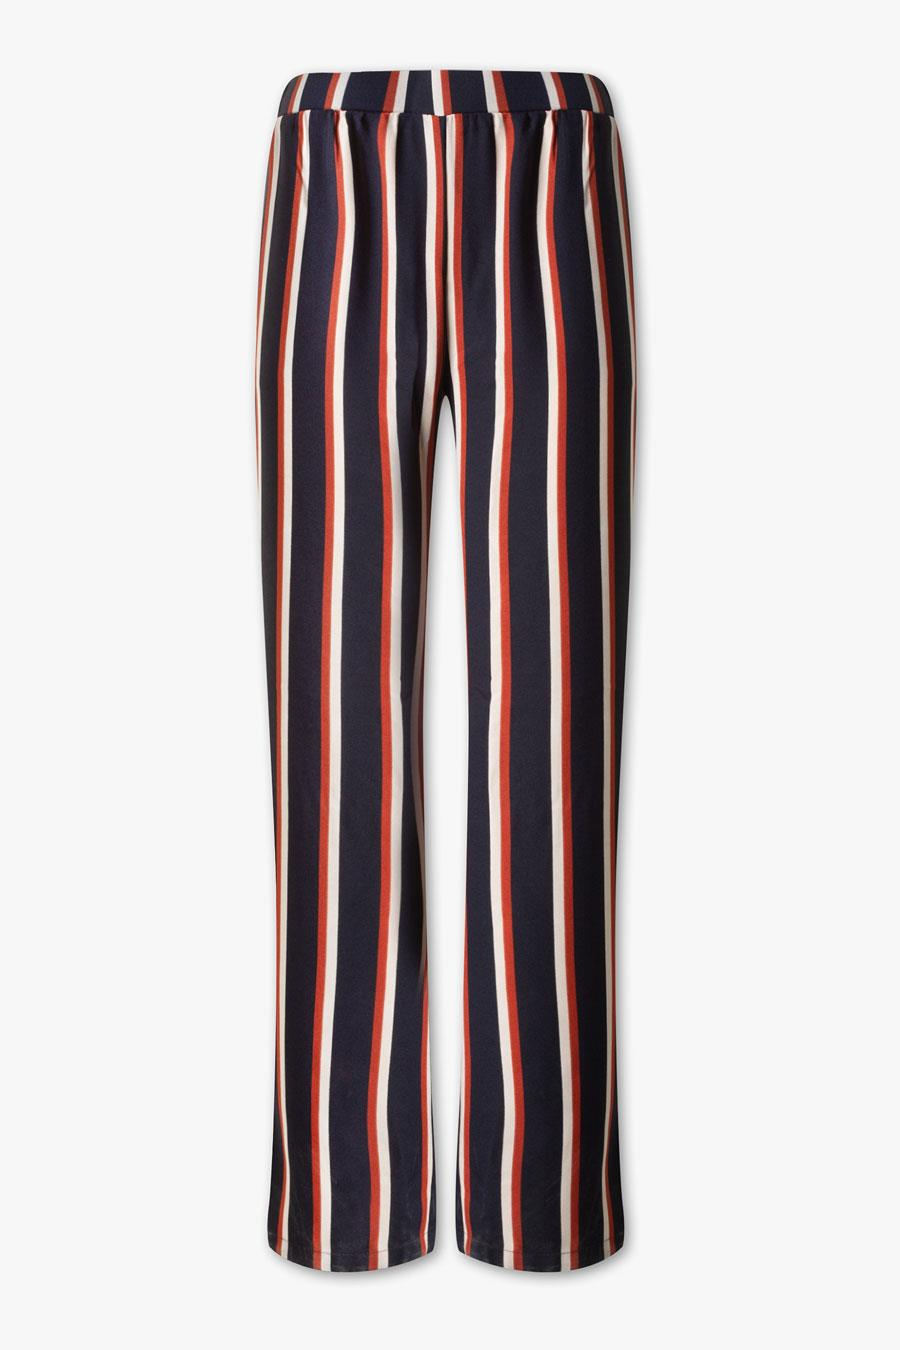 36e514a5d3 Pantalones de mujer estampados más de moda del otoño-invierno 2018 ...